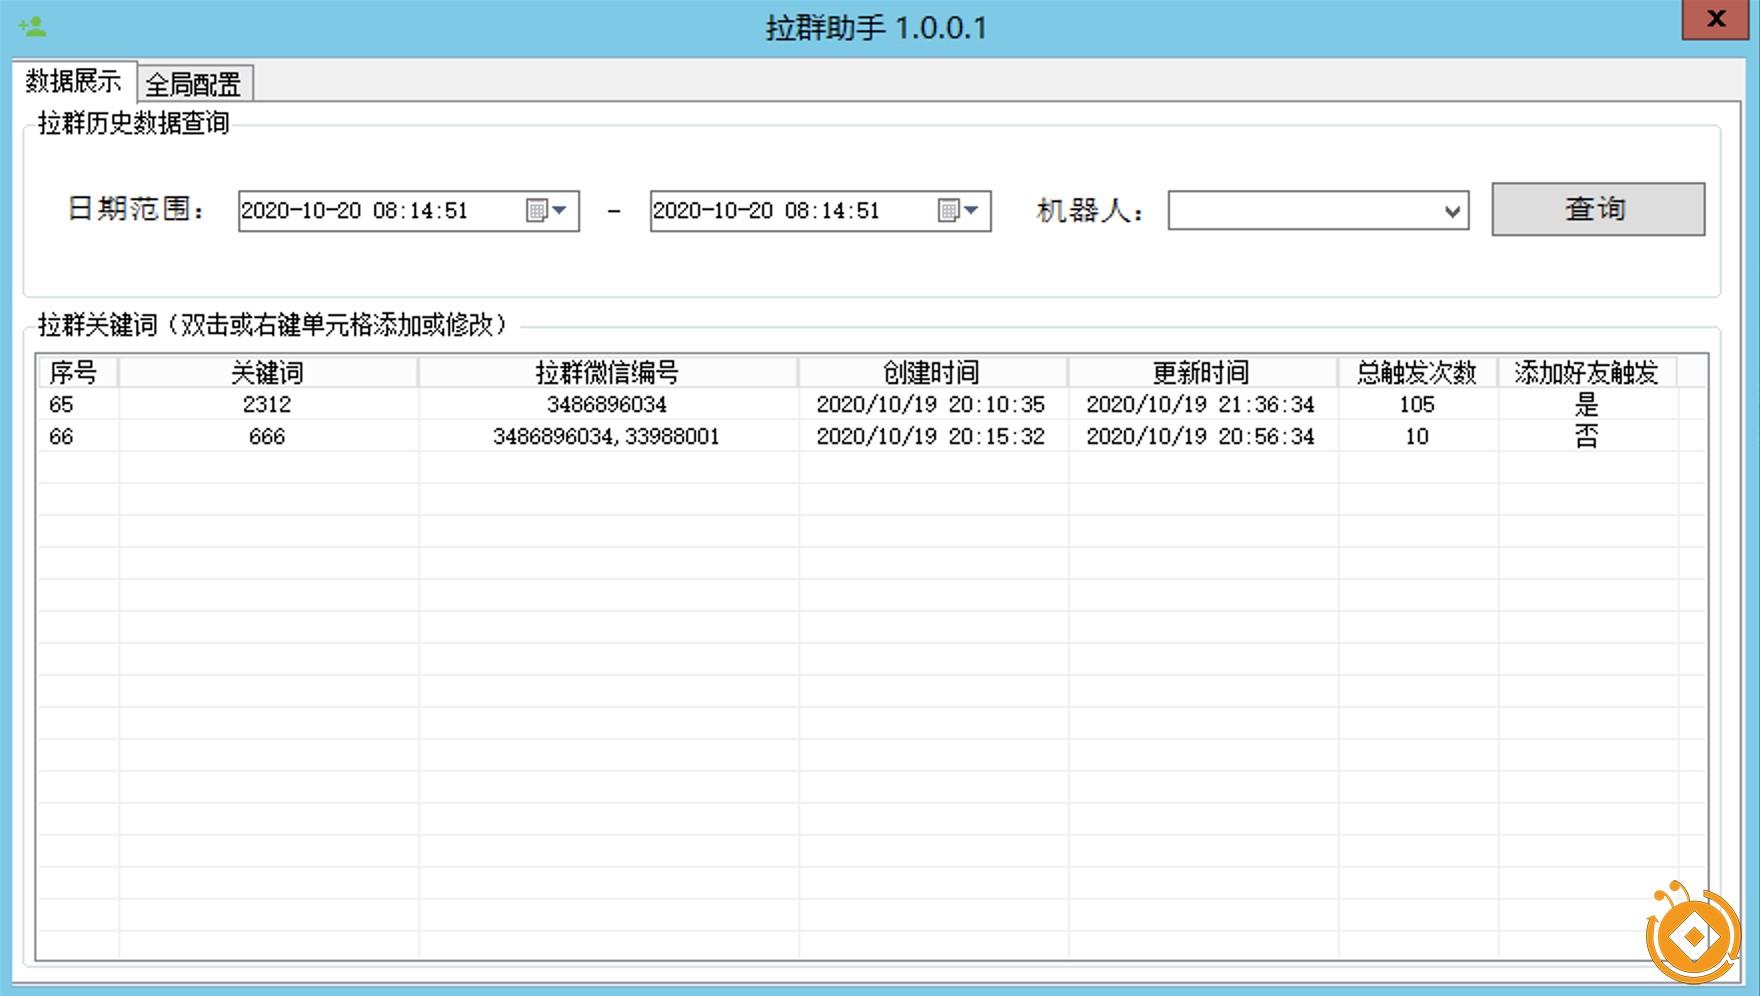 attachments-2020-10-YLyXVPzp5f8e2c8649e6b.